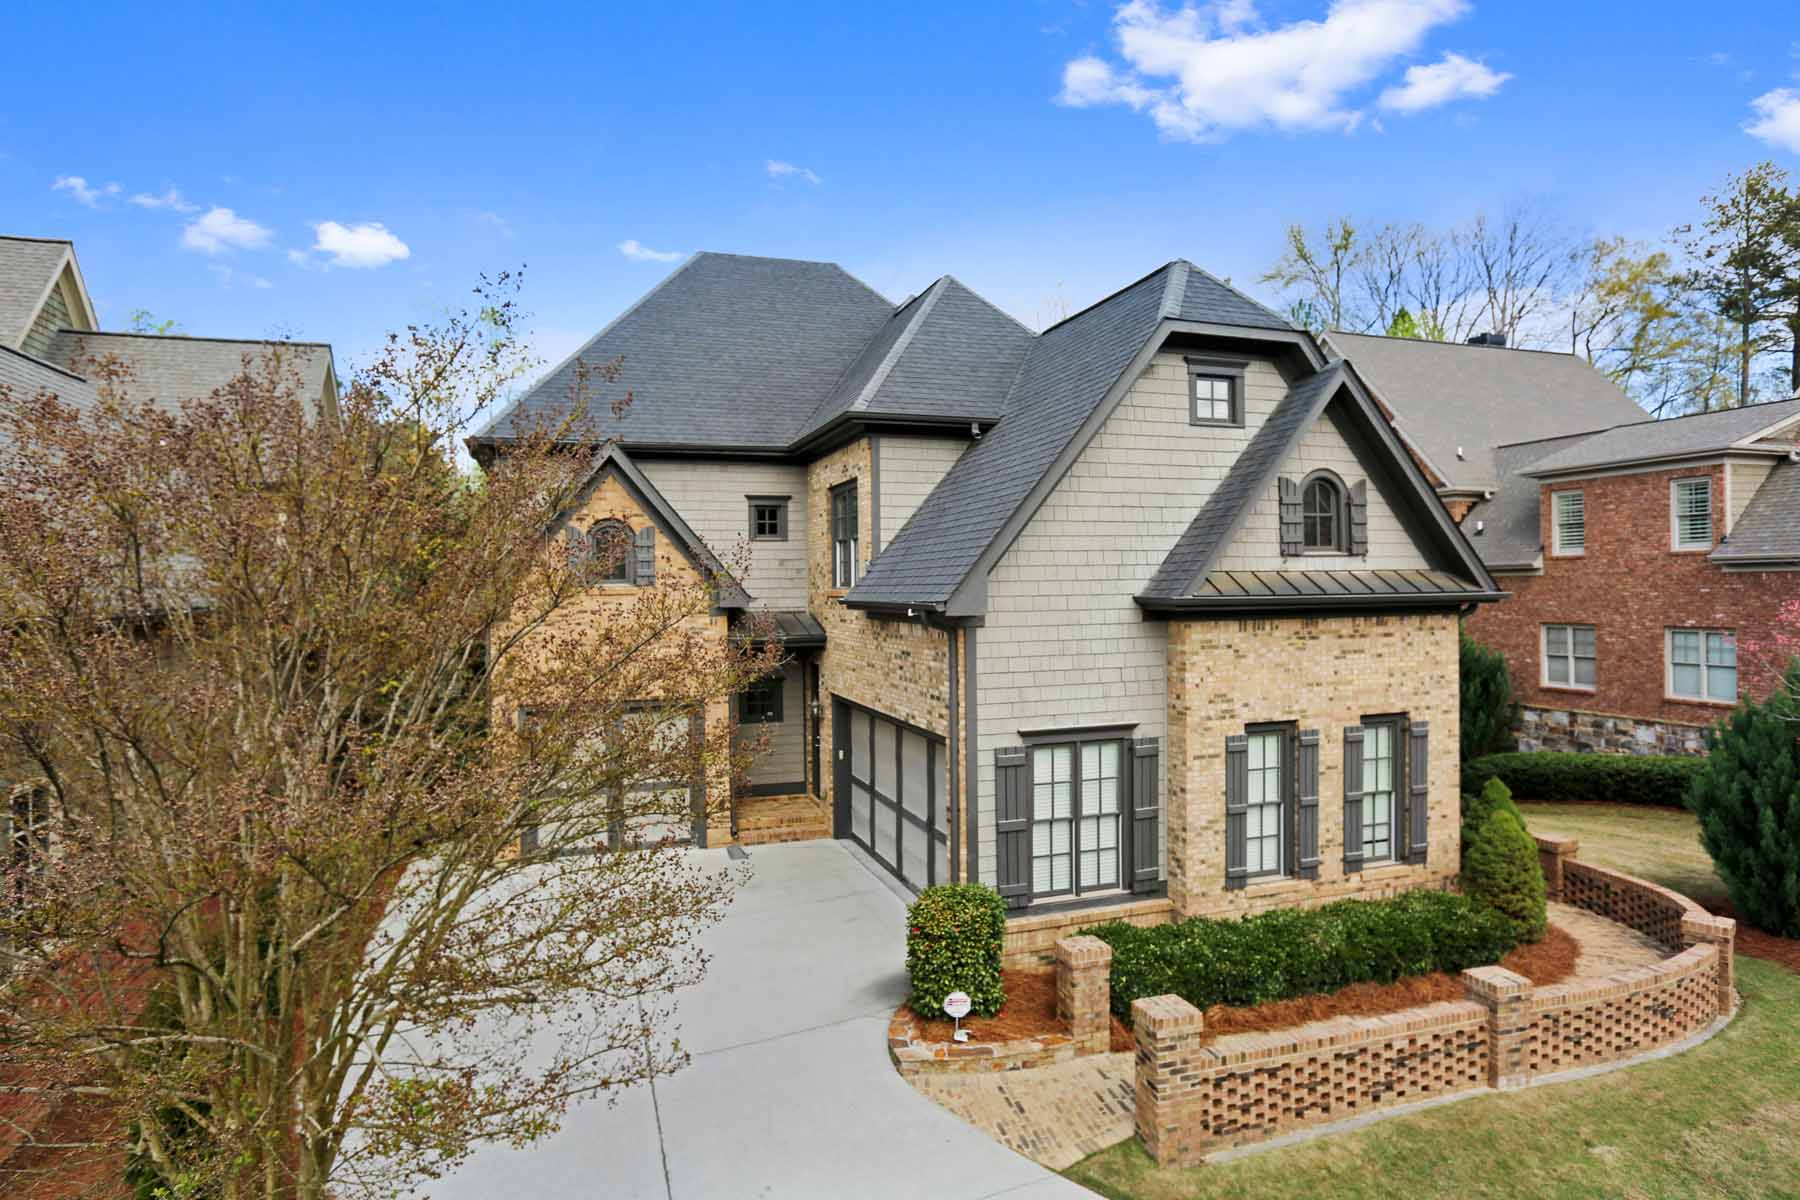 Tek Ailelik Ev için Satış at Stunning Home in Gated Community 5206 Creek Walk Circle Peachtree Corners, Georgia, 30092 Amerika Birleşik Devletleri